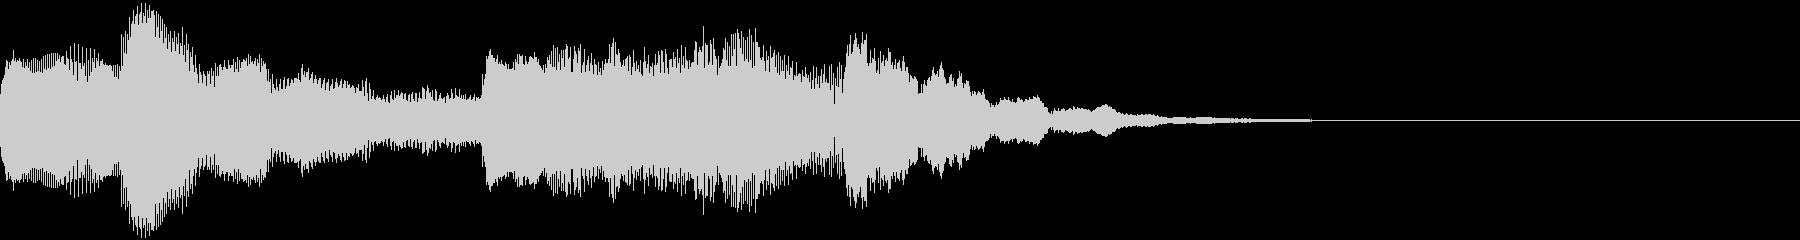 神秘的なクリスタル音07- ジングルCMの未再生の波形